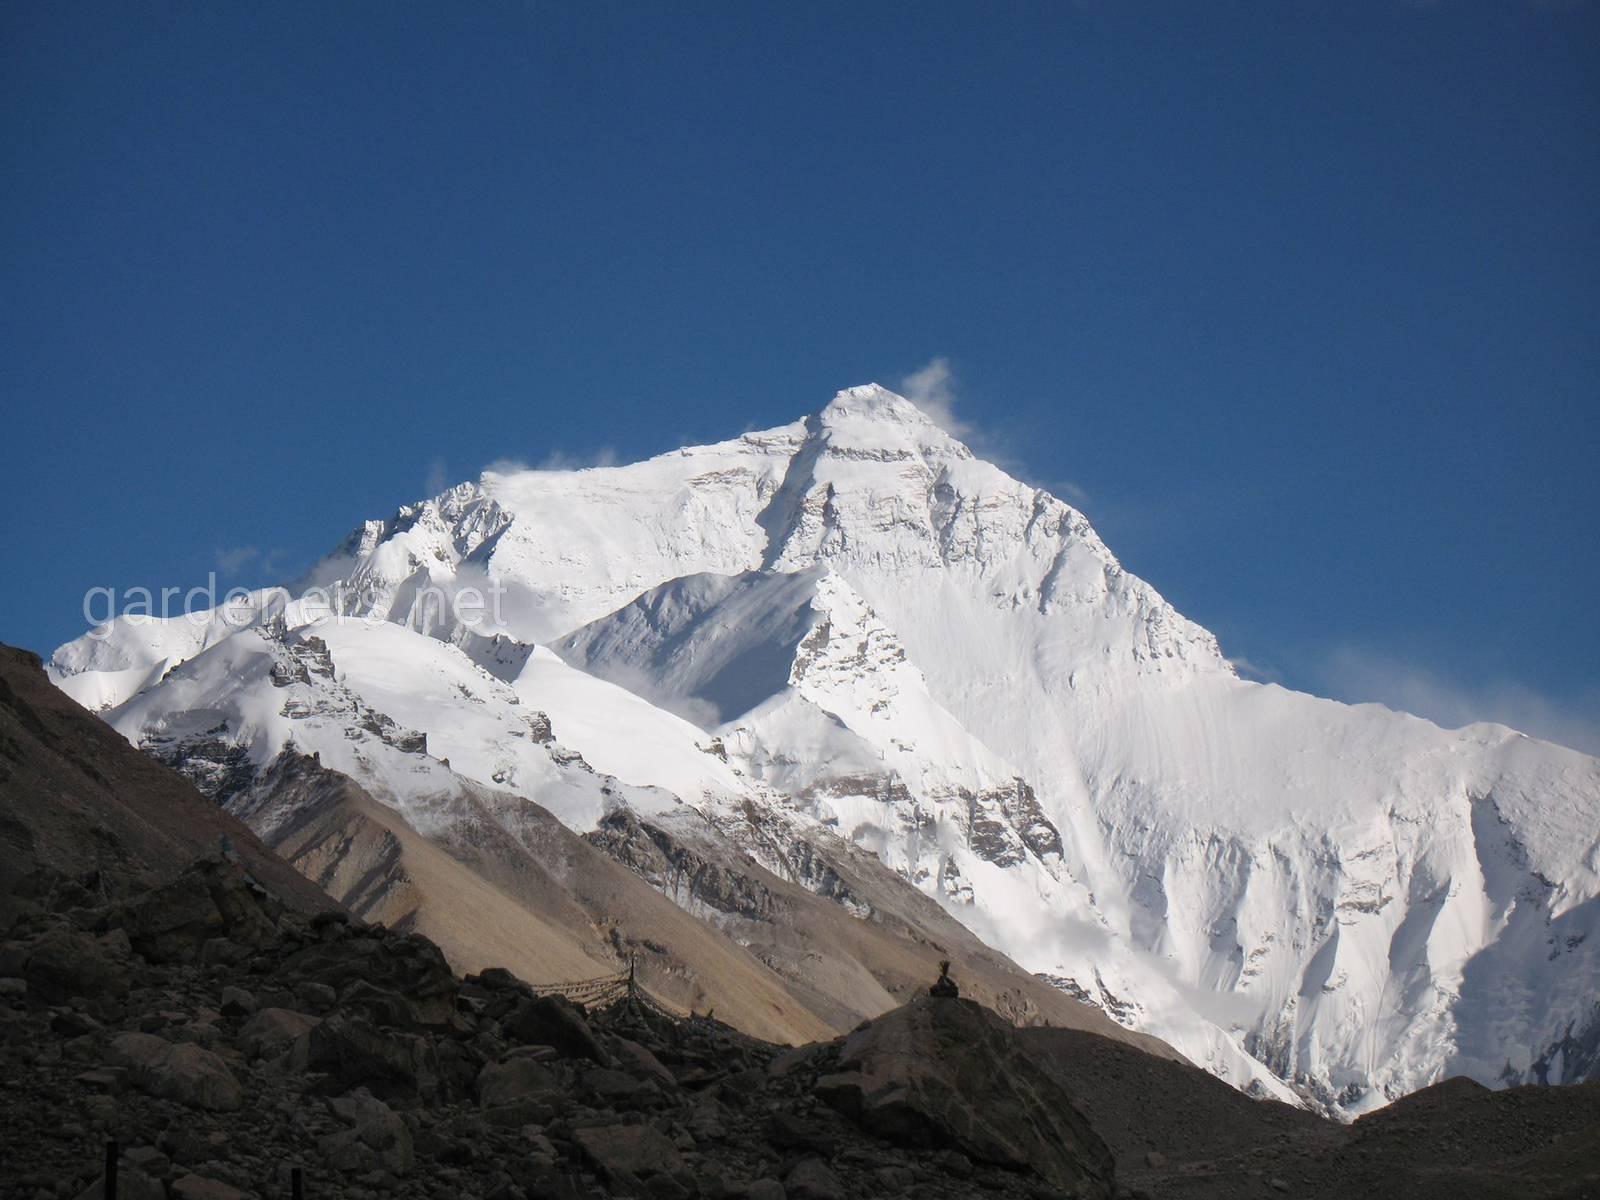 Северная сторона Эвереста. Фото Александр Партышев